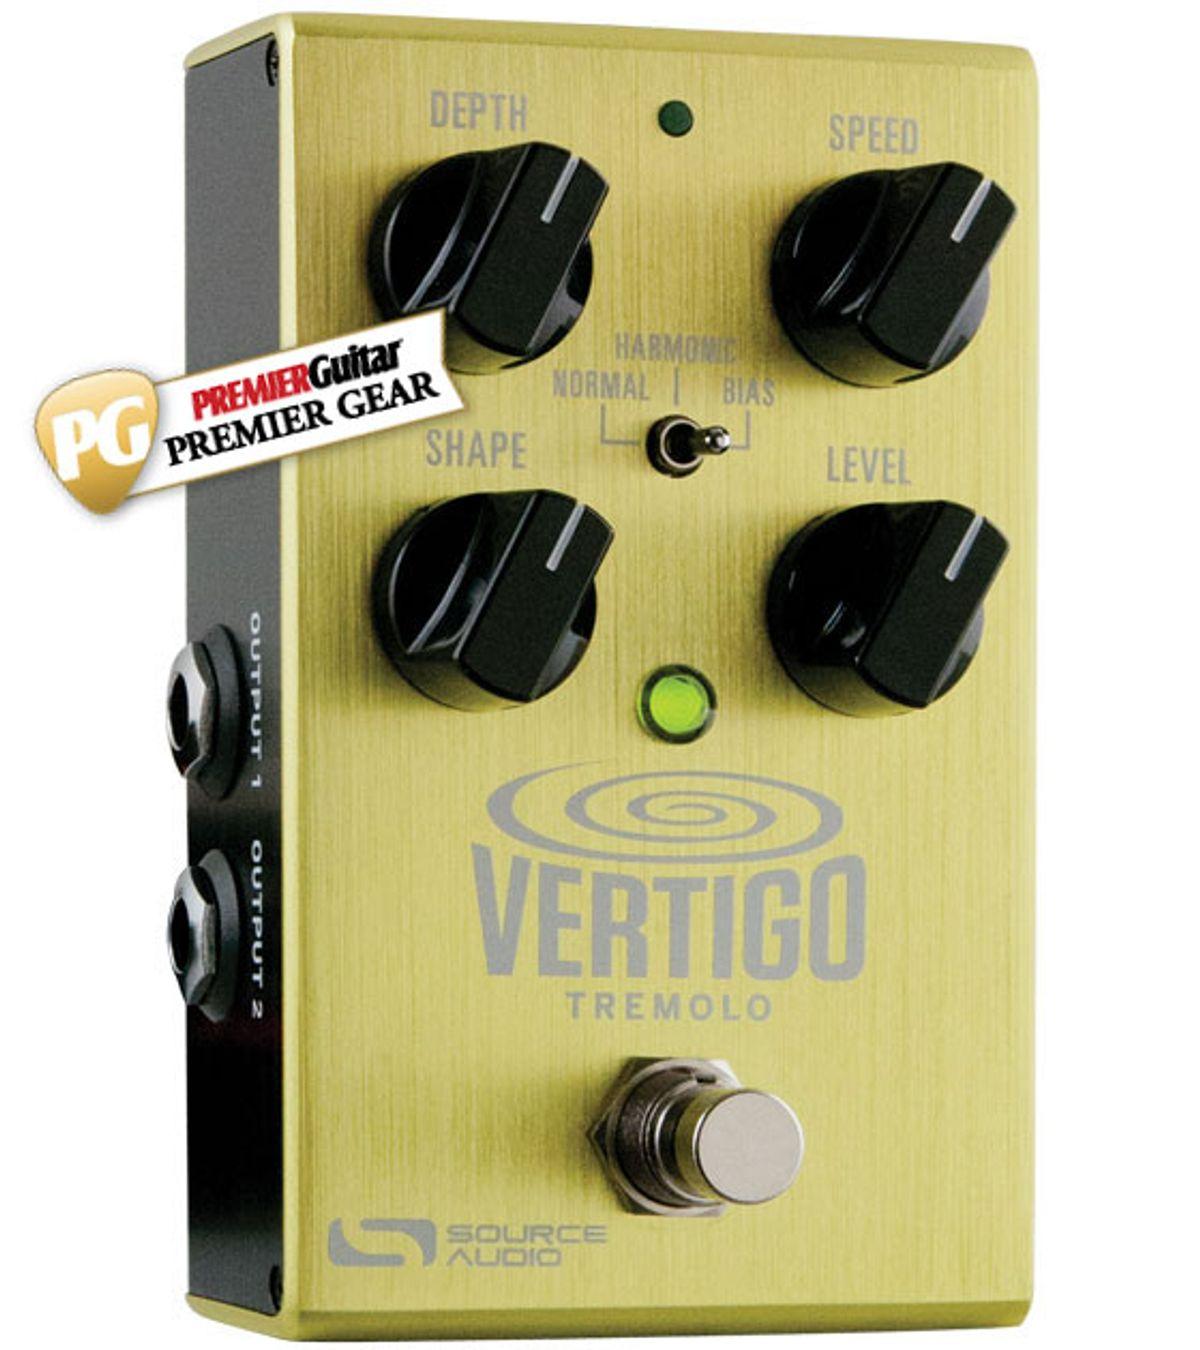 Source Audio Vertigo Tremolo Review